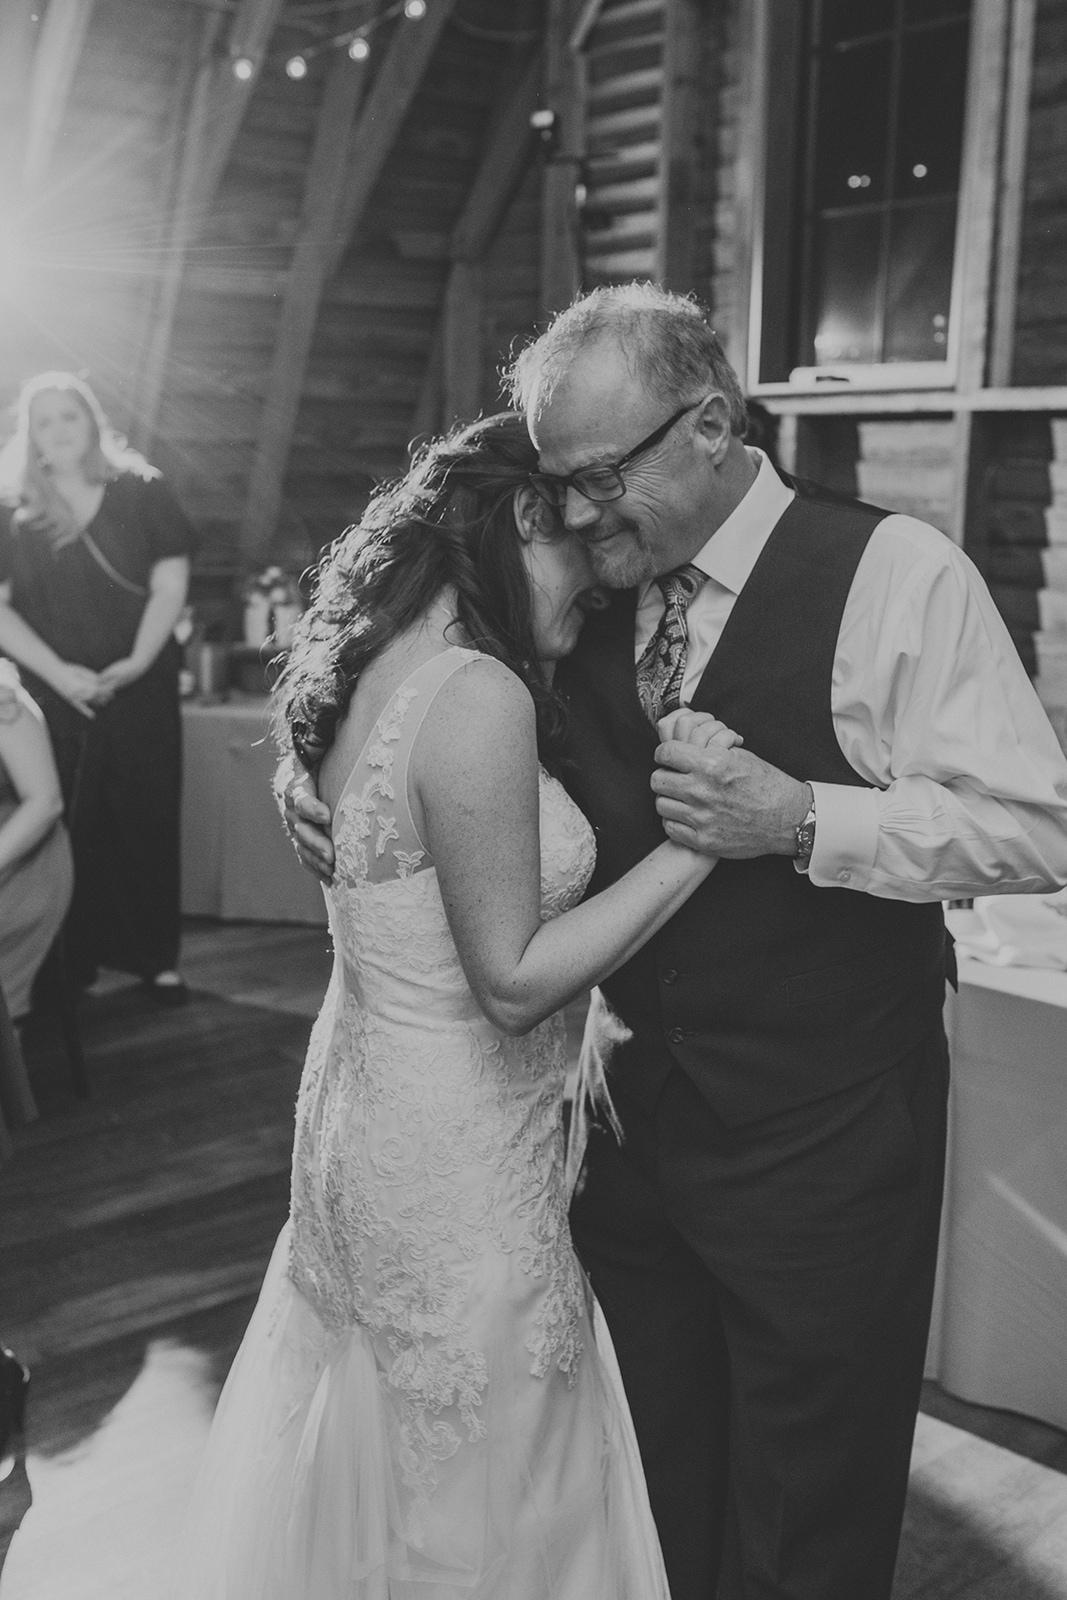 brielle-davis-events-48-fields-wedding-0447.jpg